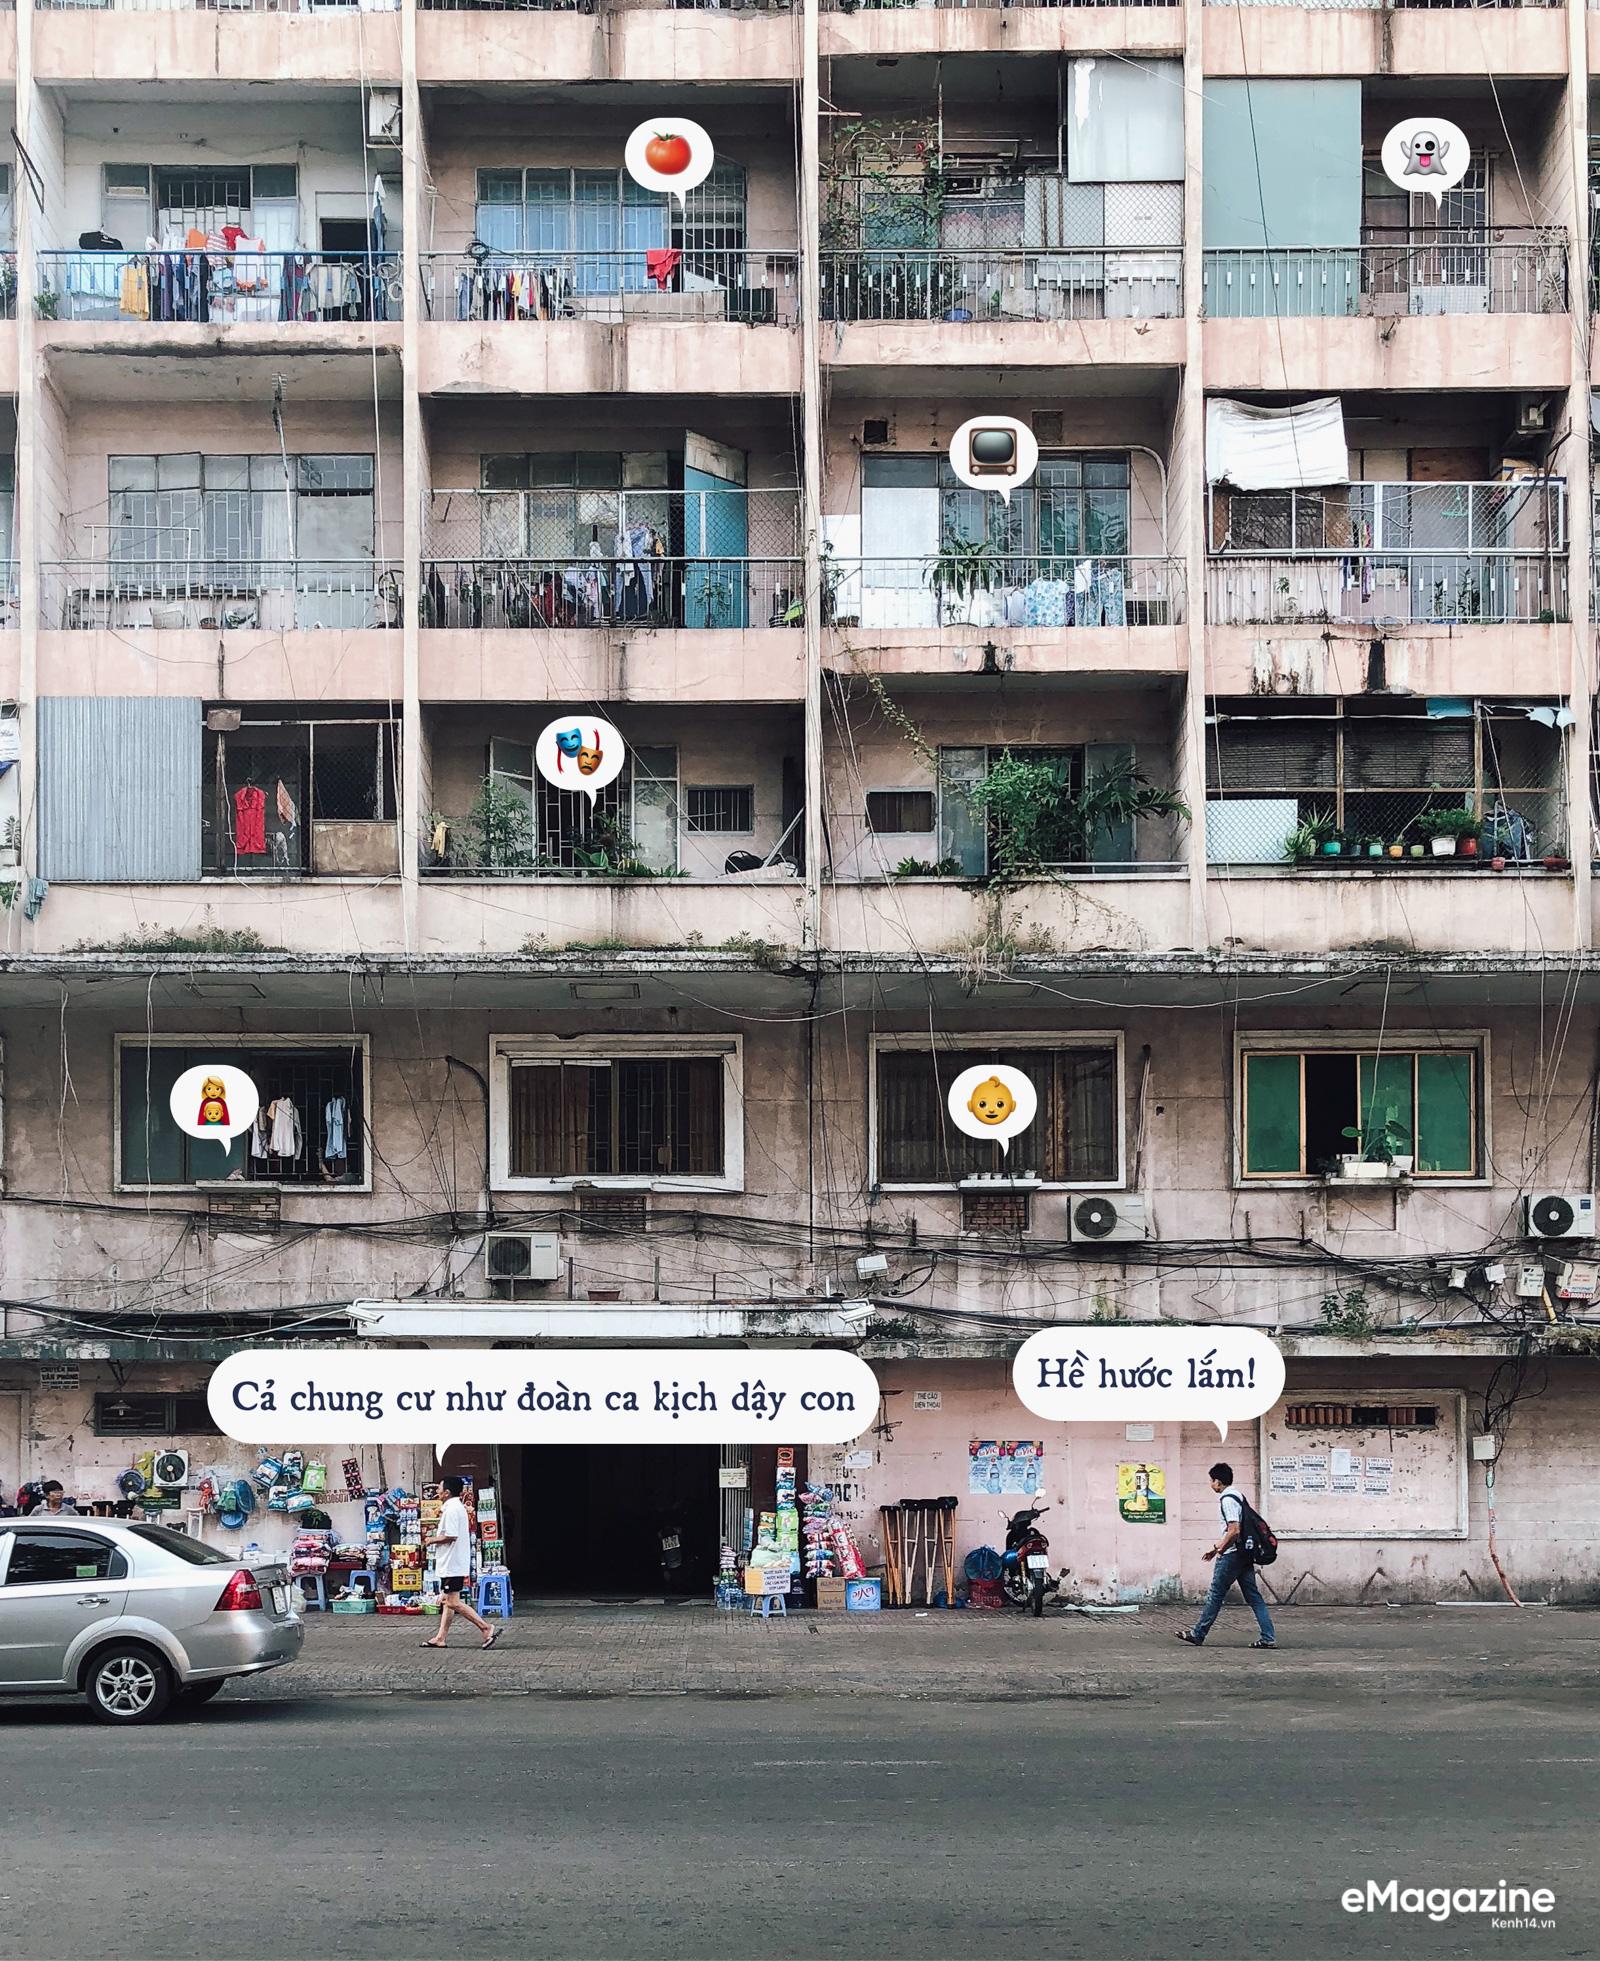 Sài Gòn thiệt thương: Nơi ta để lại tuổi trẻ nhiều nhất, đó sẽ là nơi bình yên nhất - Ảnh 10